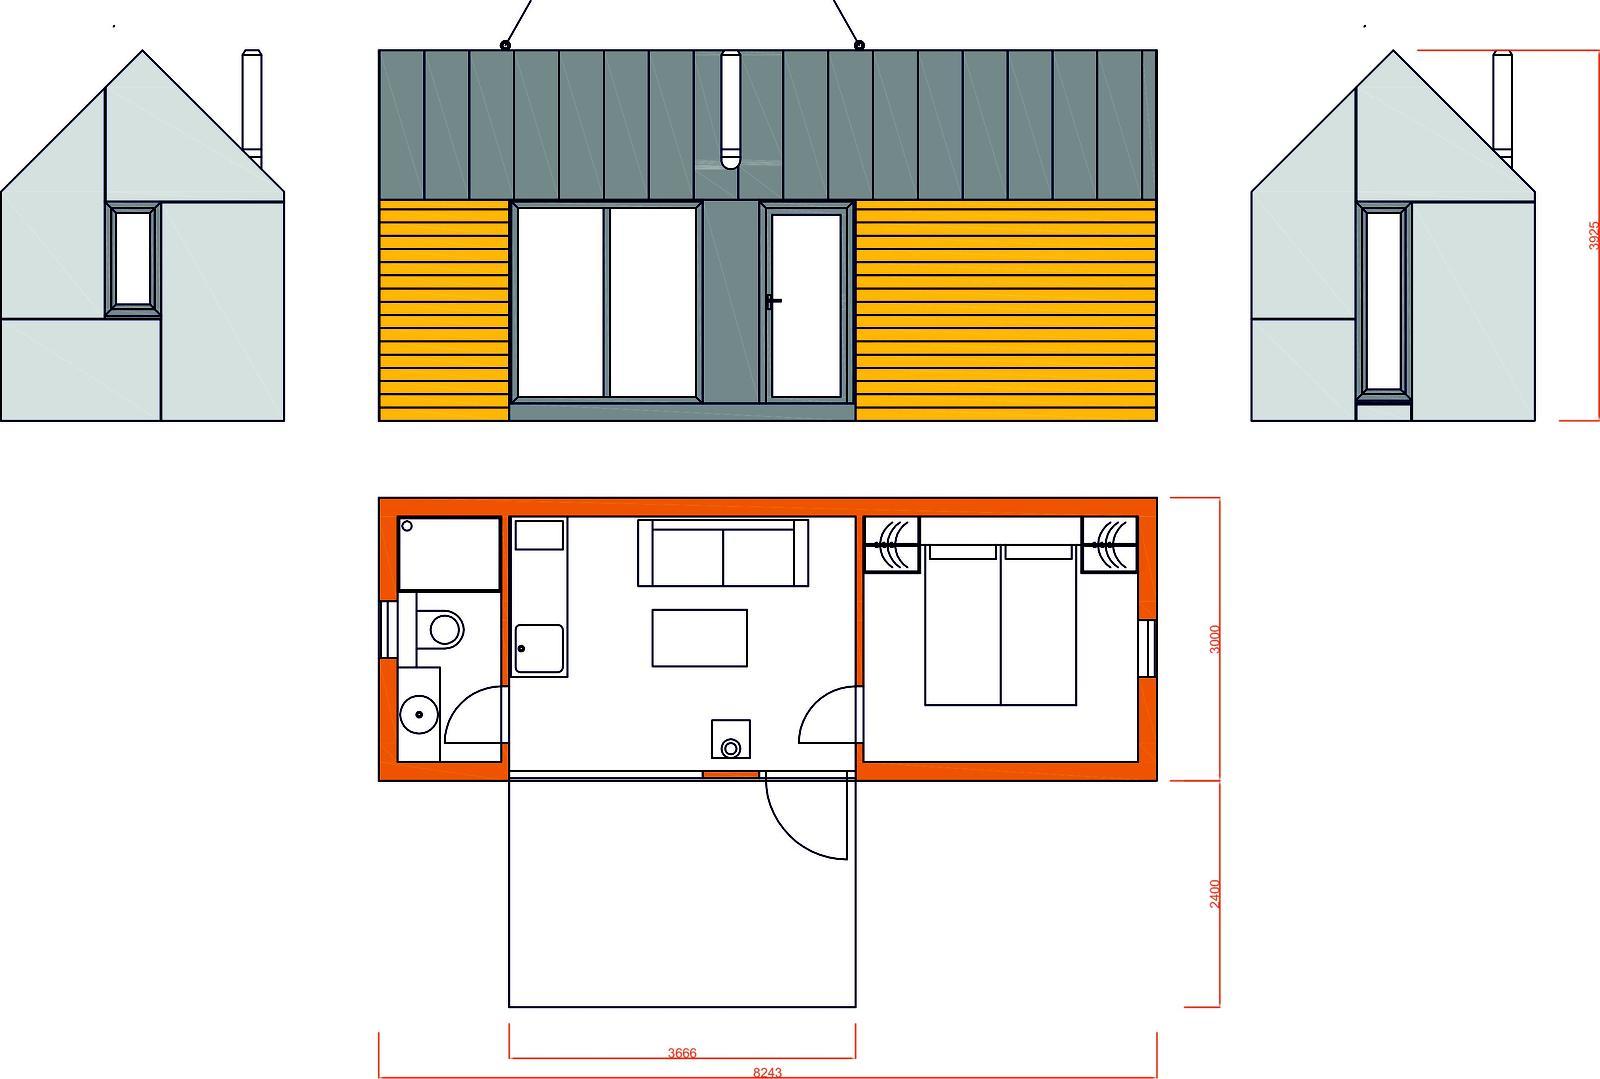 Mobilné domy - Veľkosť mobilného domu č. 3